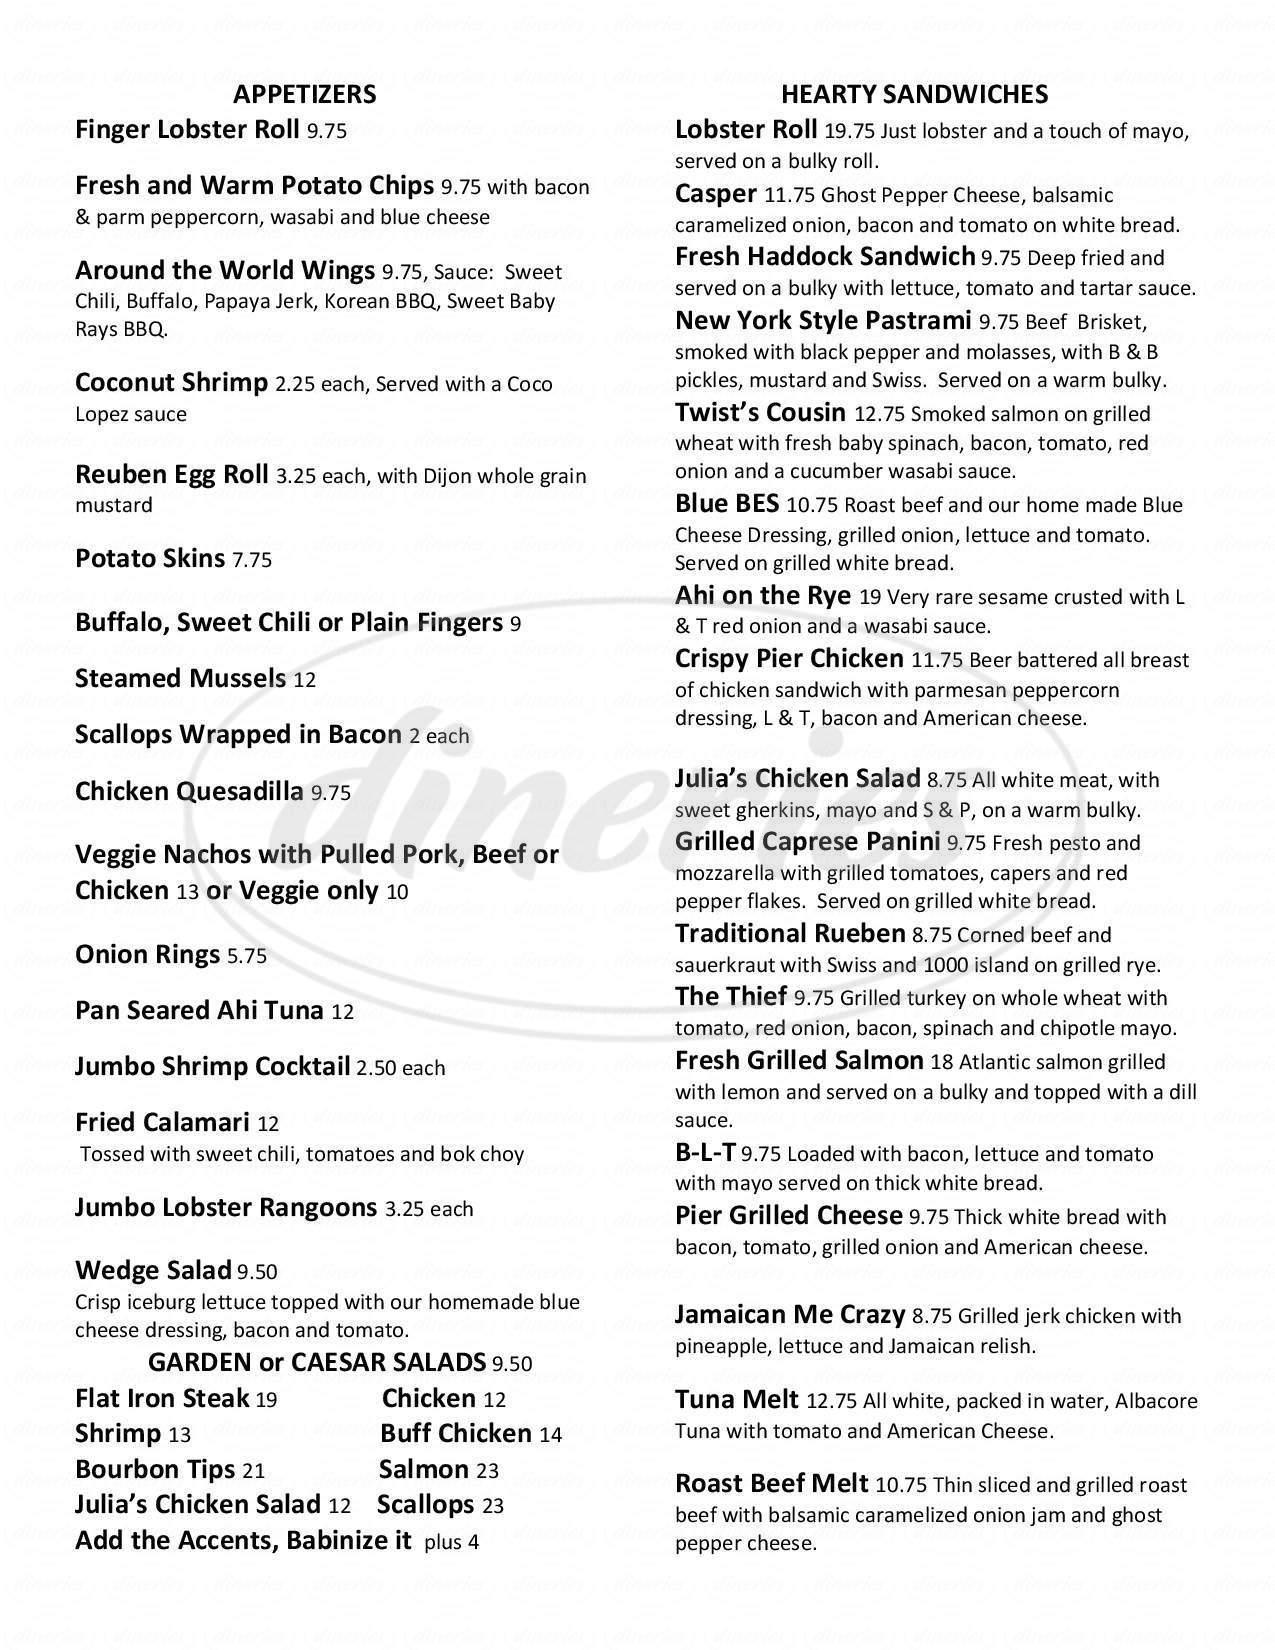 menu for Shibley's At The Pier